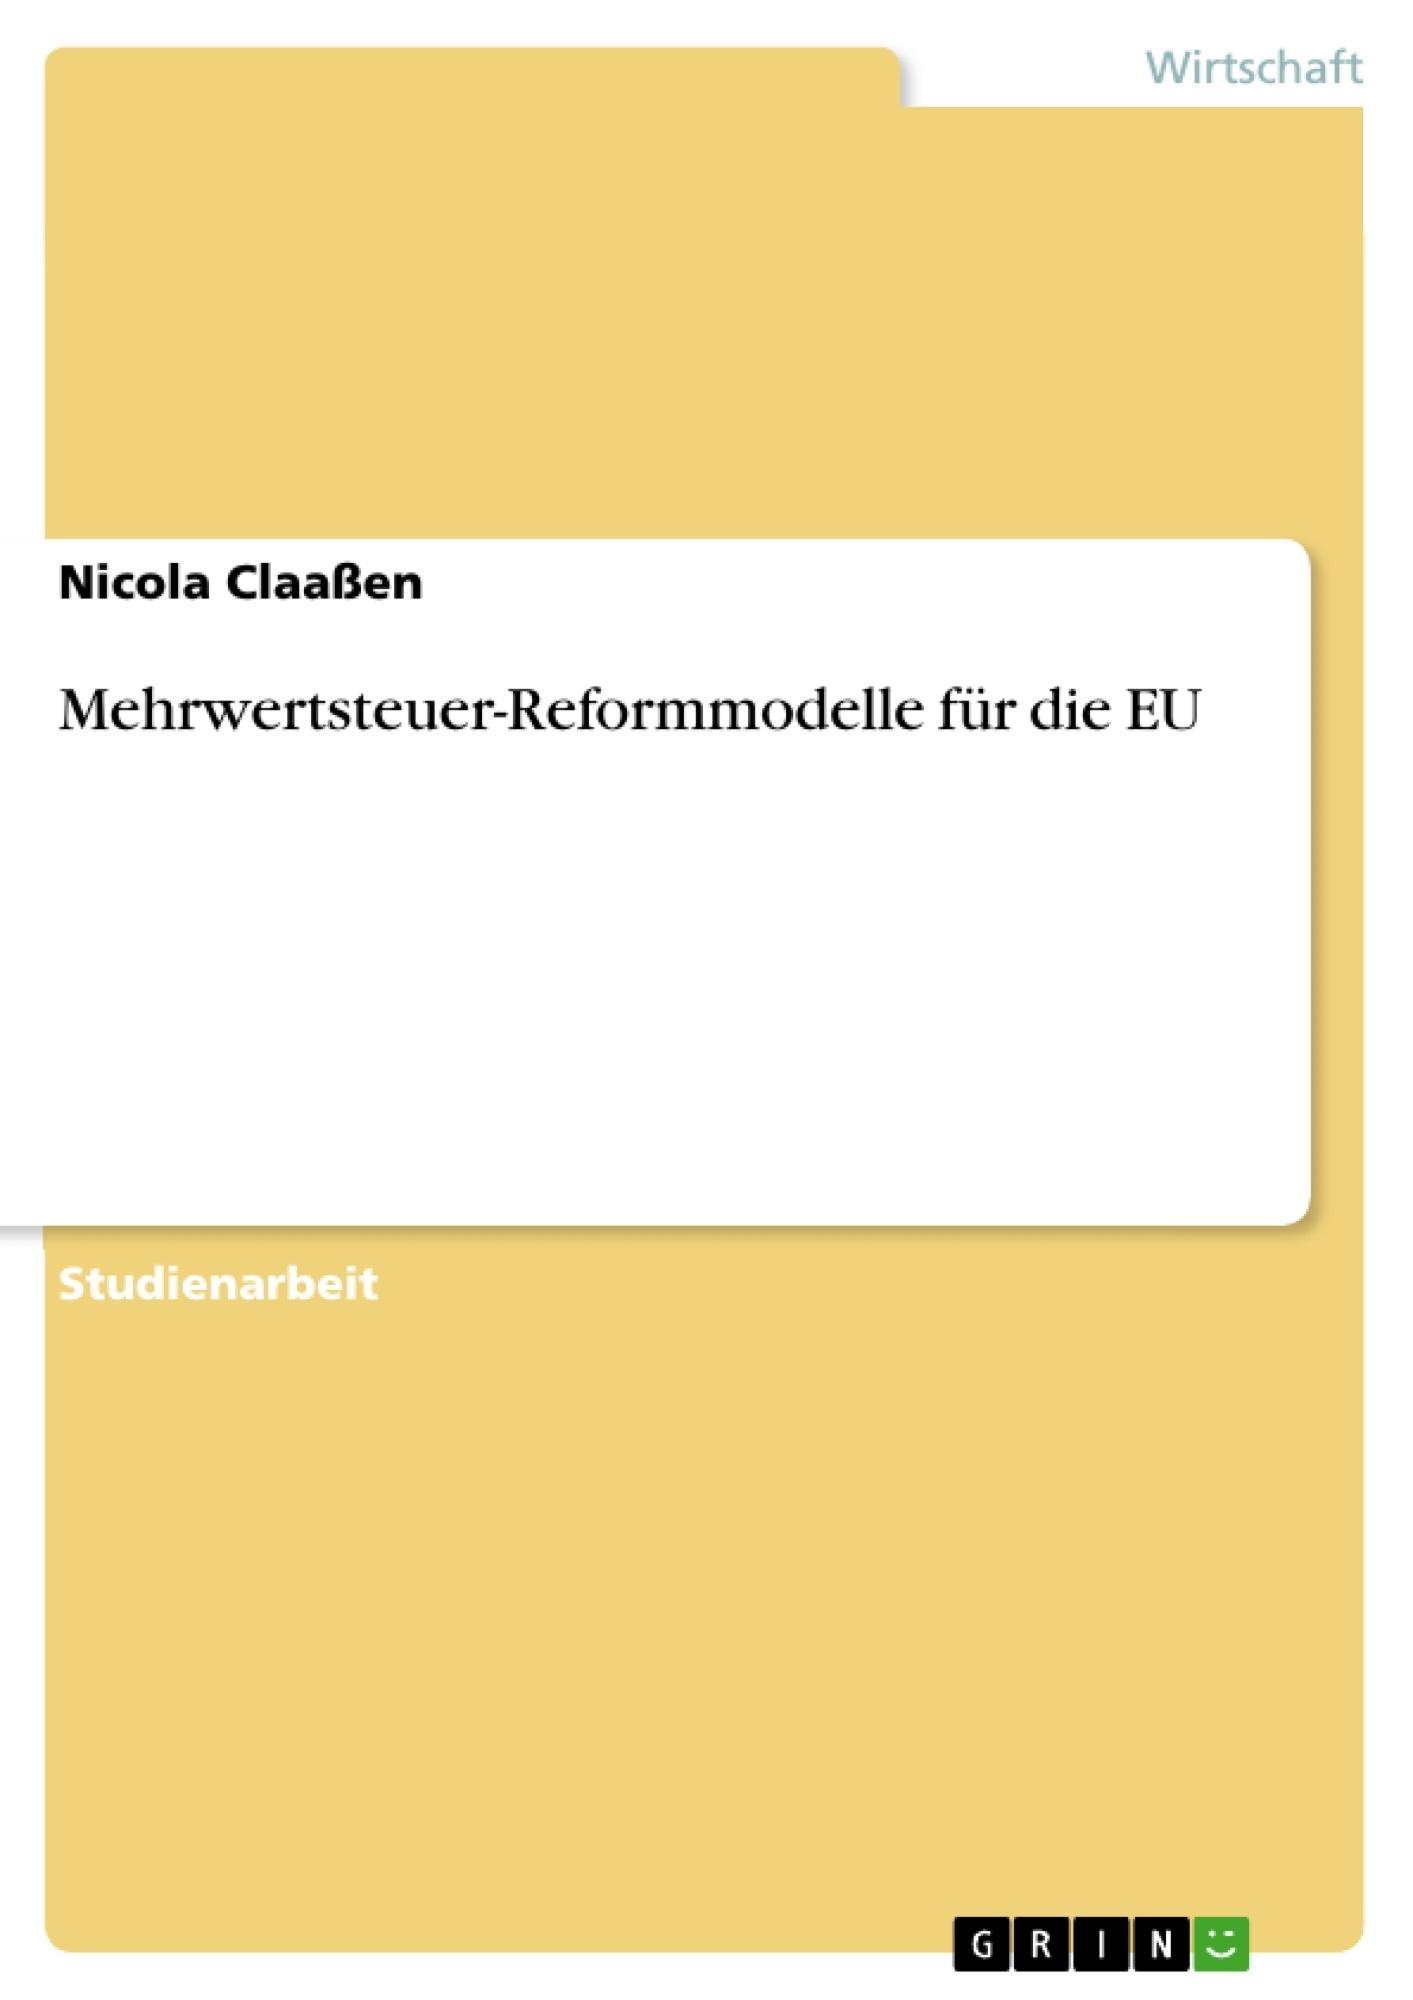 Titel: Mehrwertsteuer-Reformmodelle für die EU